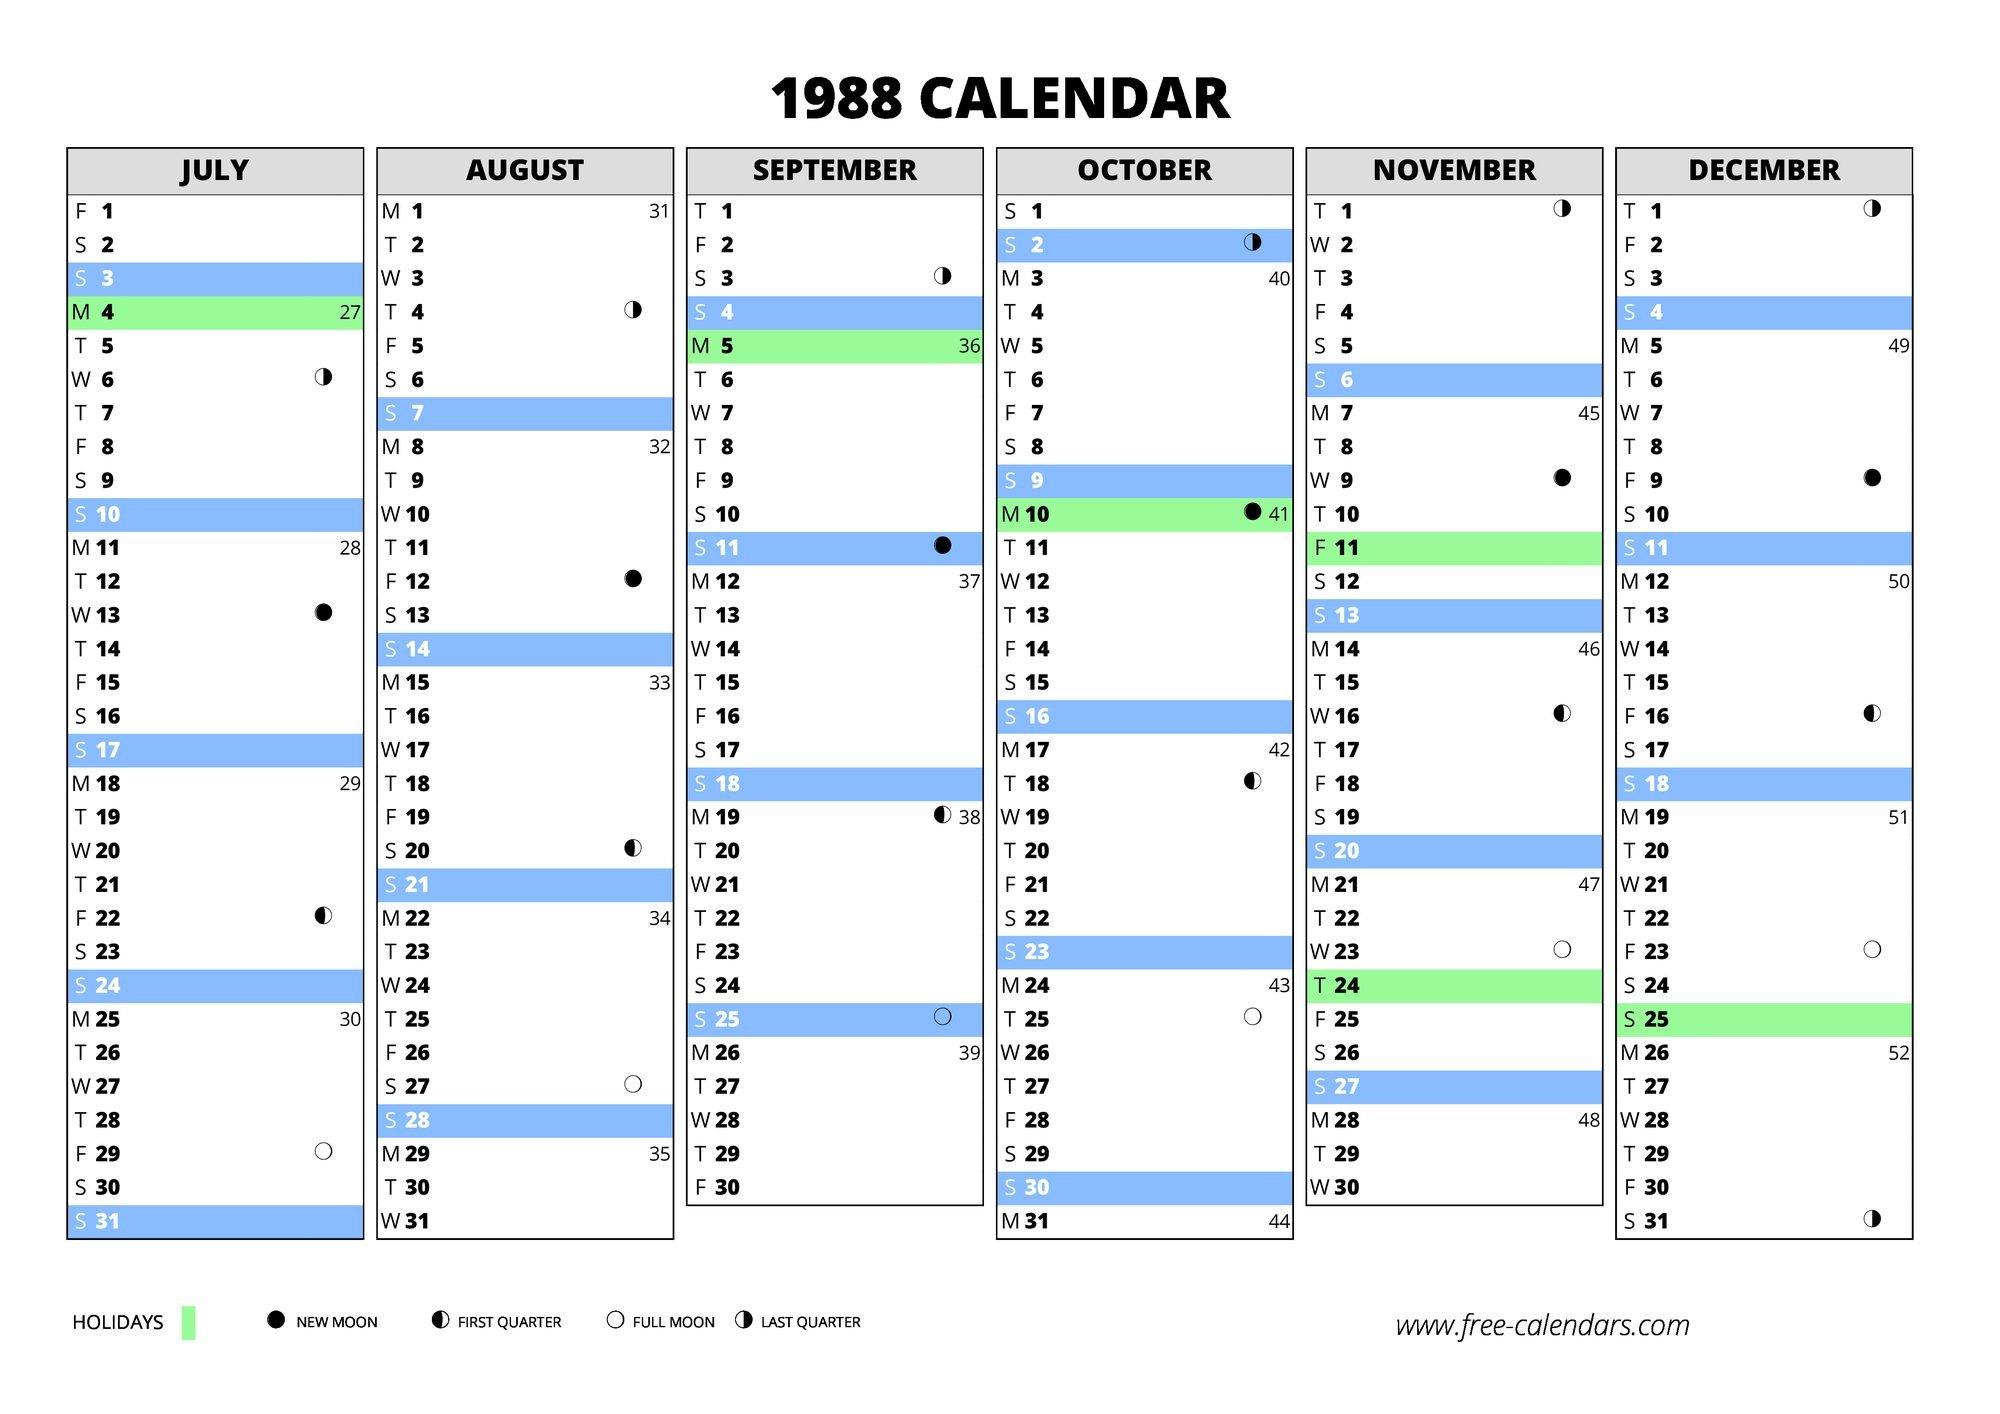 1988 Calendar ≡ Free Calendars Free Weekly Numbered 52 Week Calendar Printable